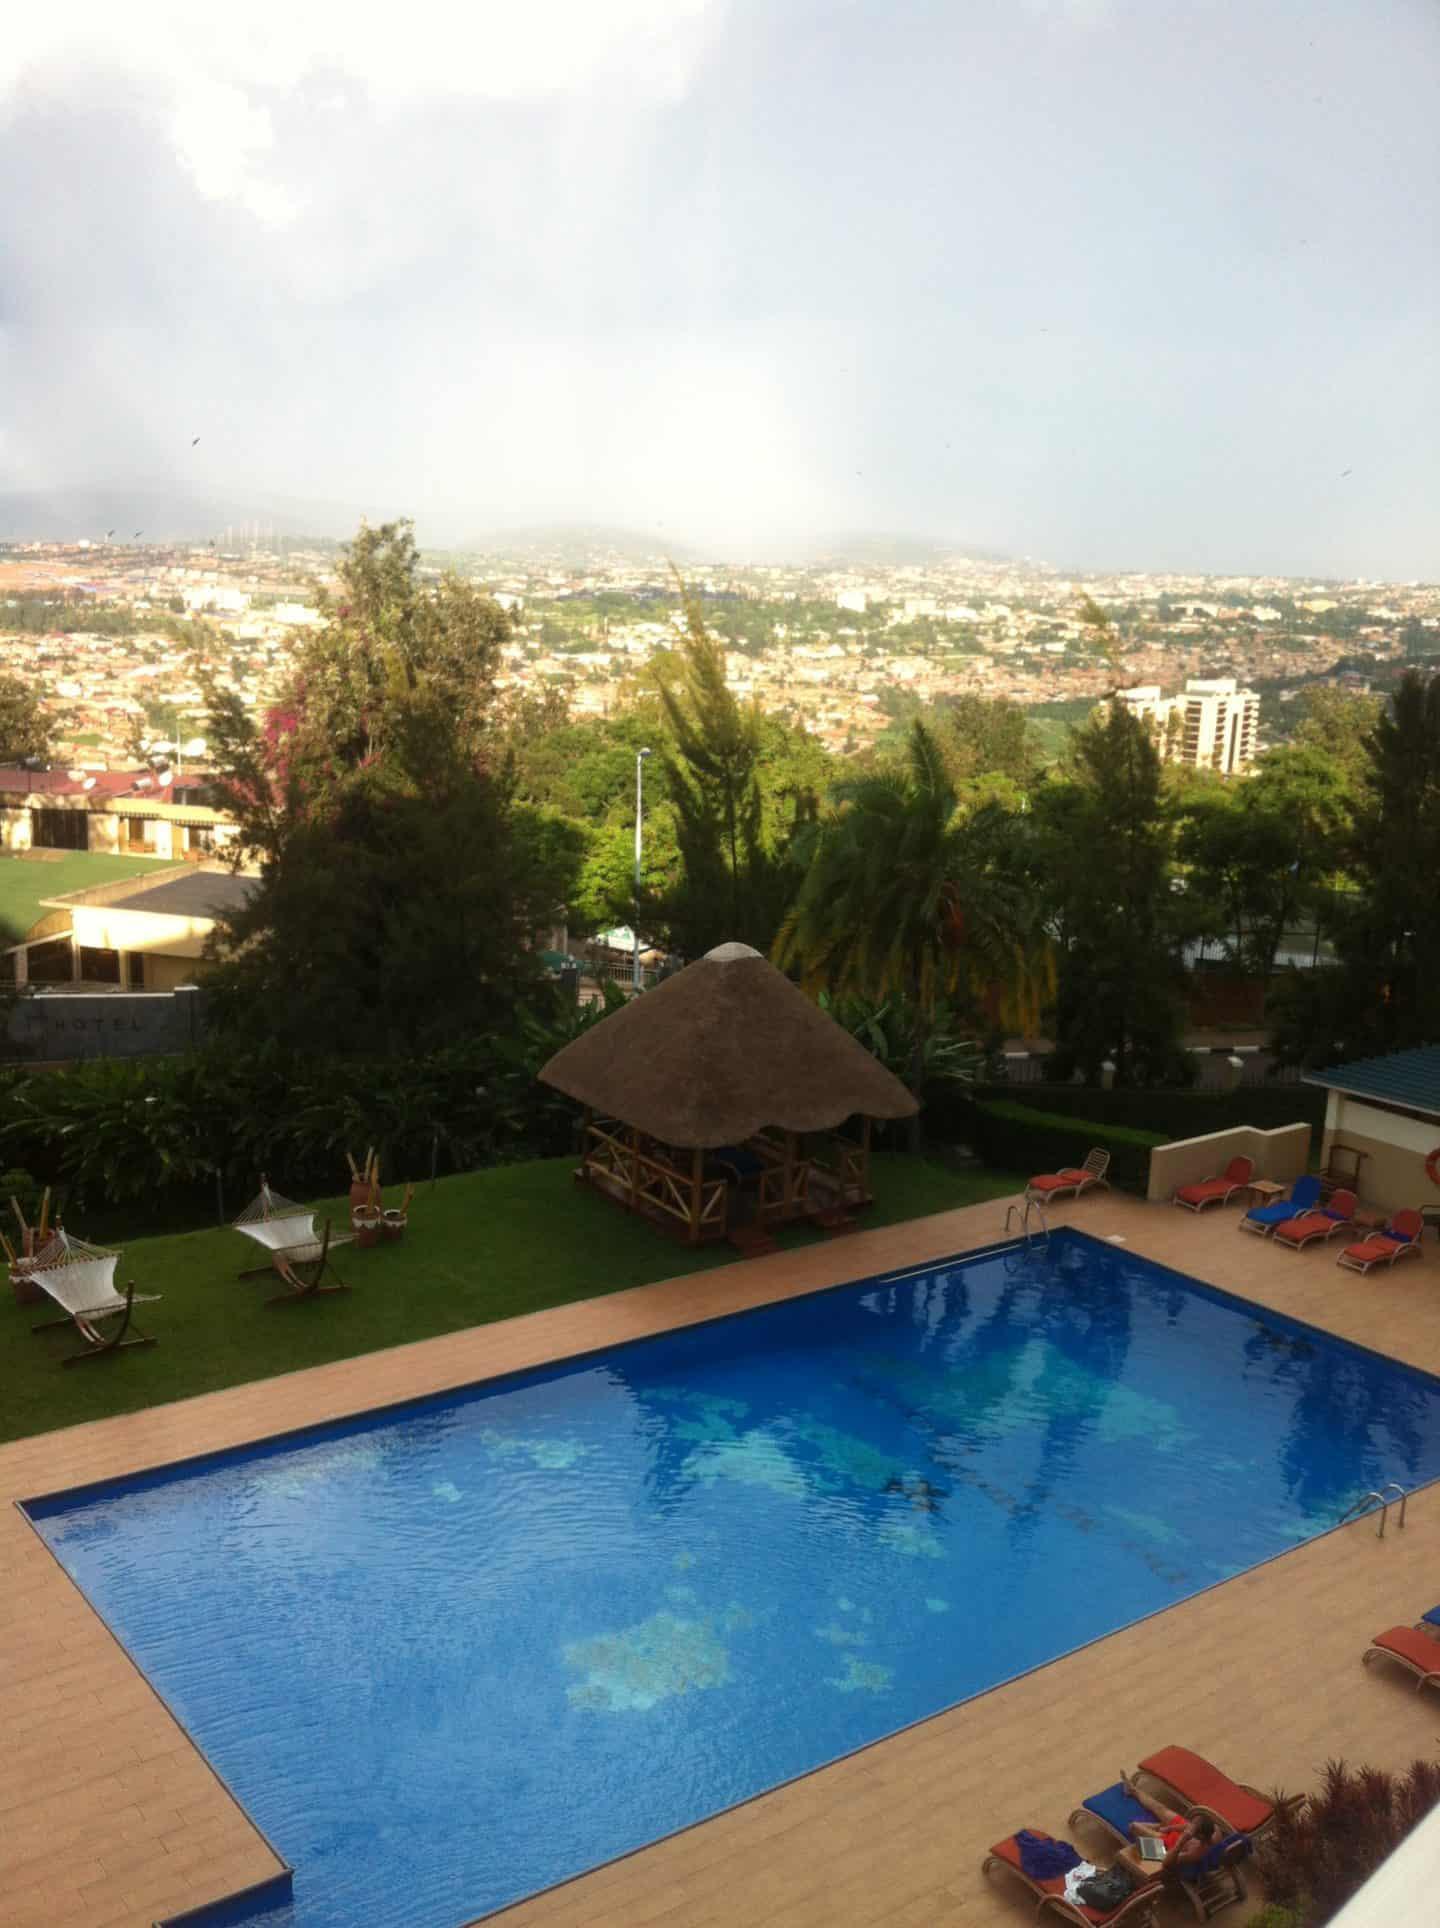 24 hours in Kigali Rwanda